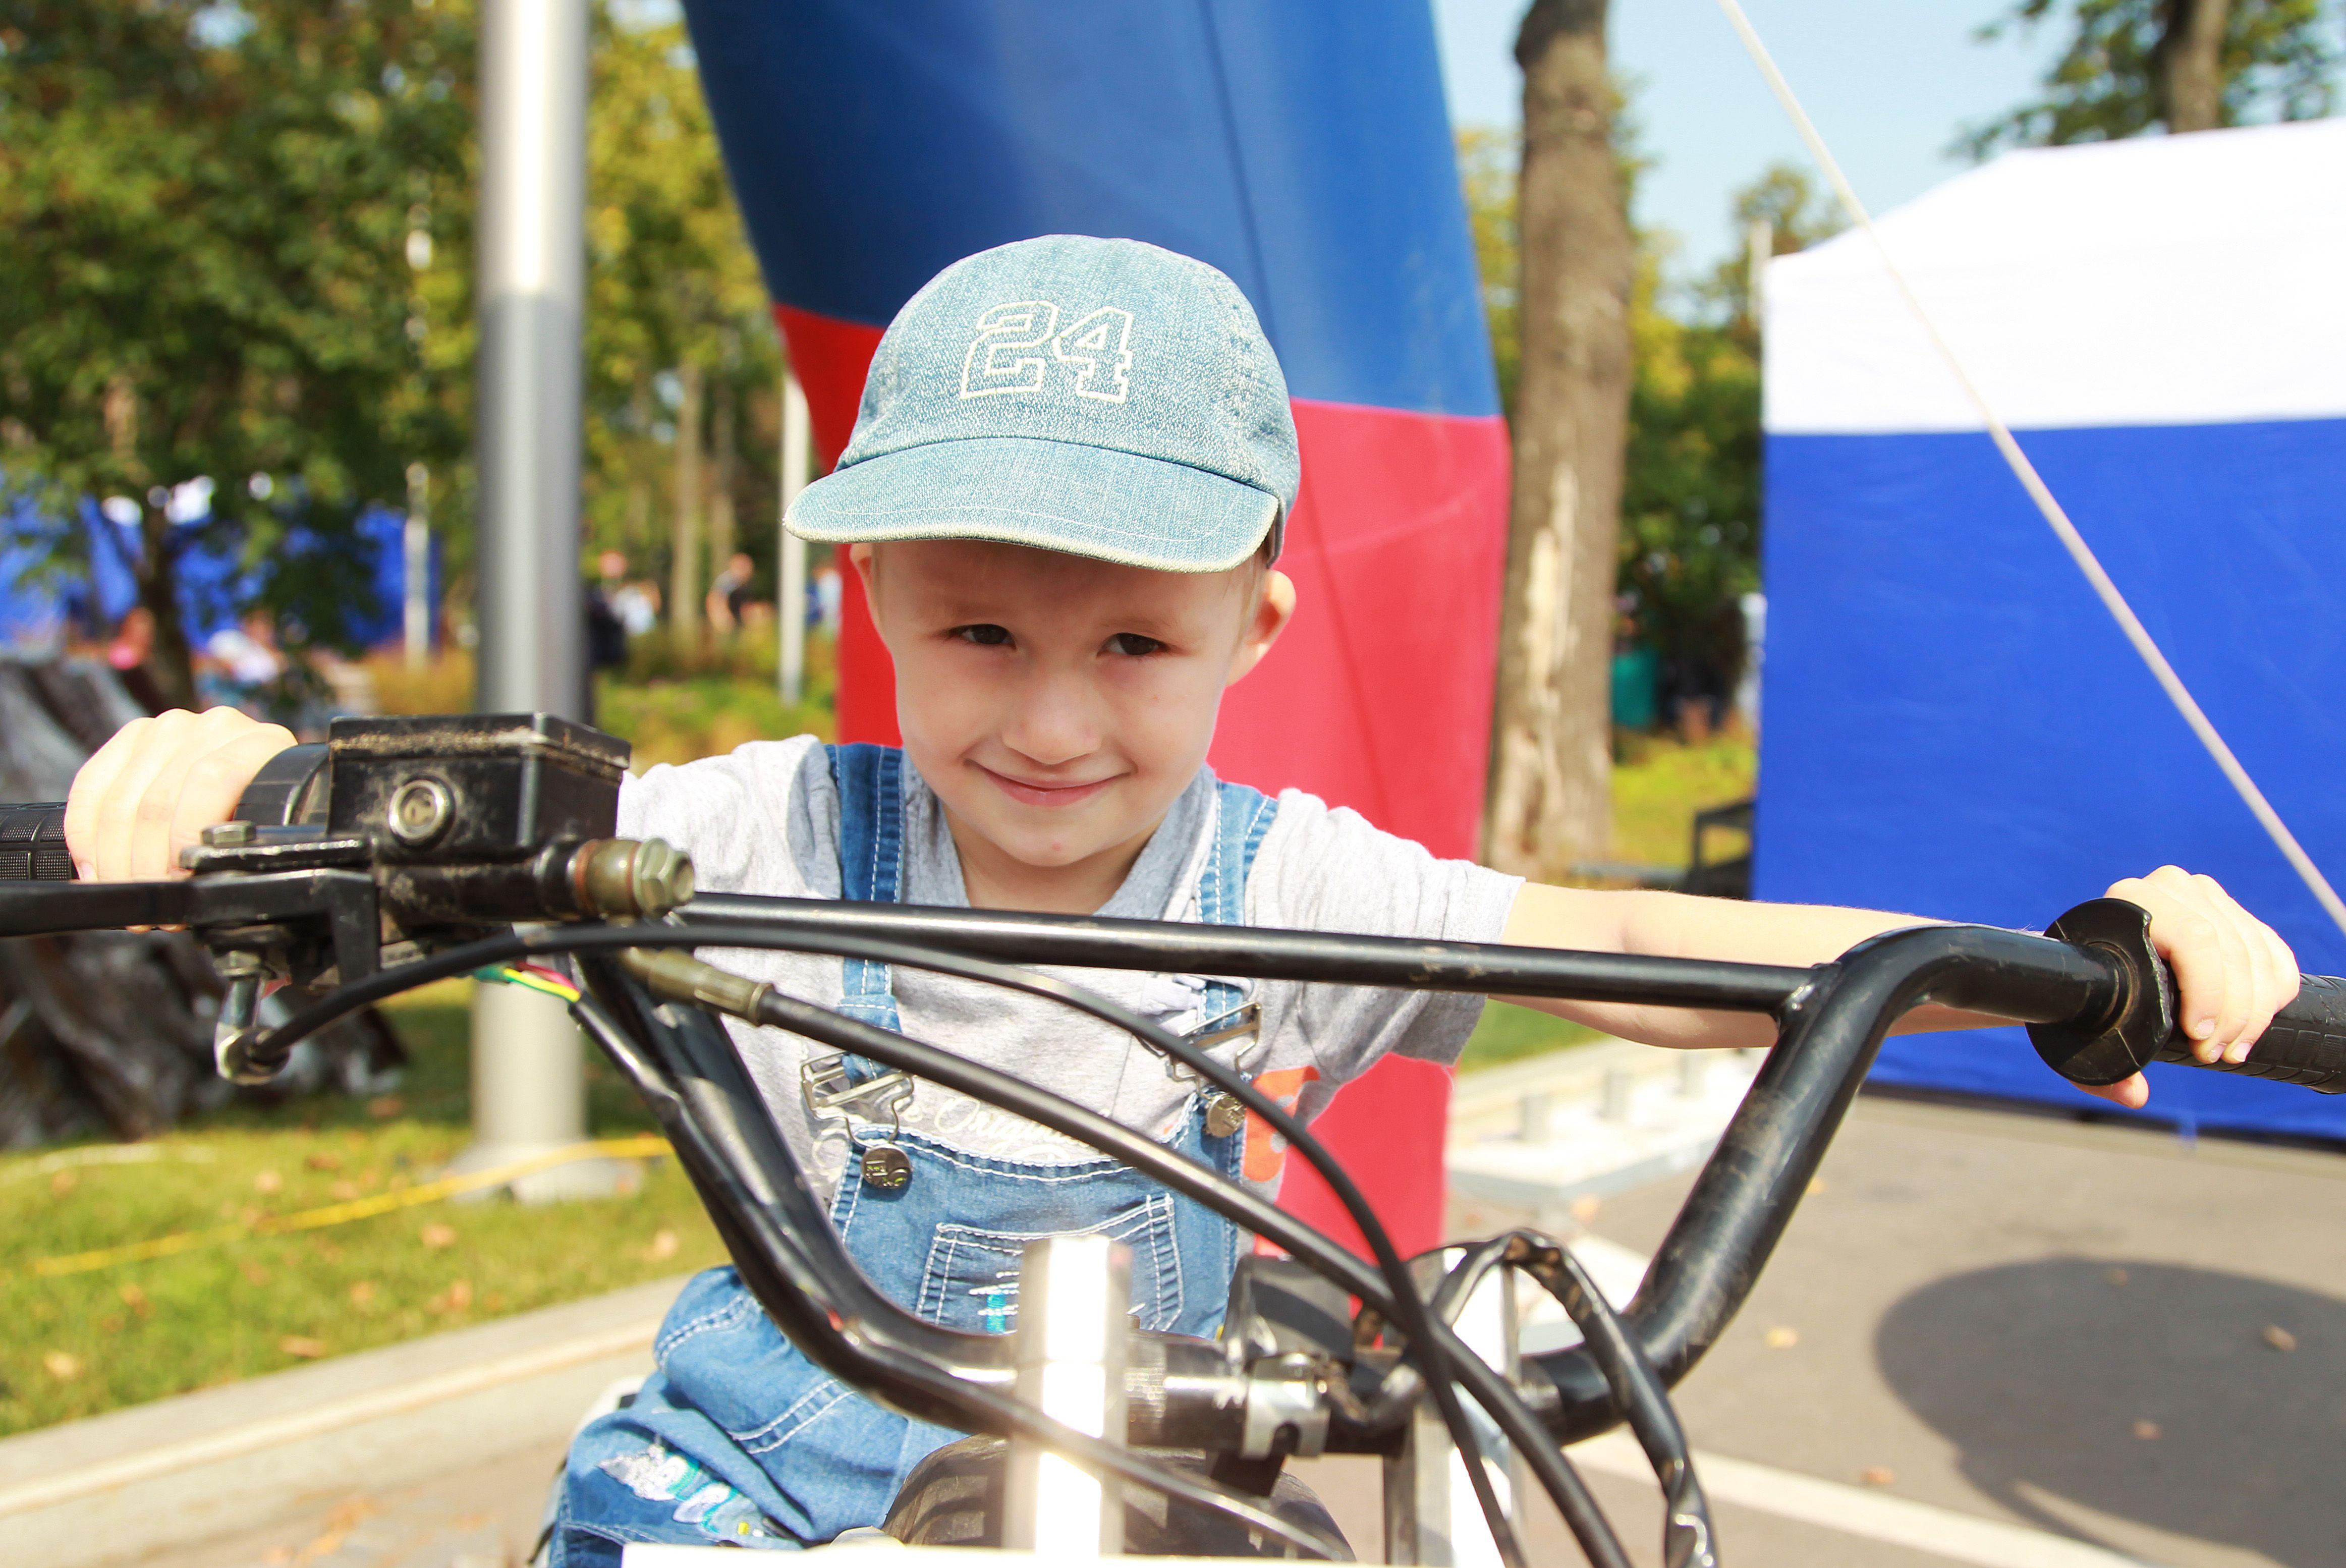 Спортсмены из Краснопахорского выступили на соревнованиях по велоспорту в Латвии